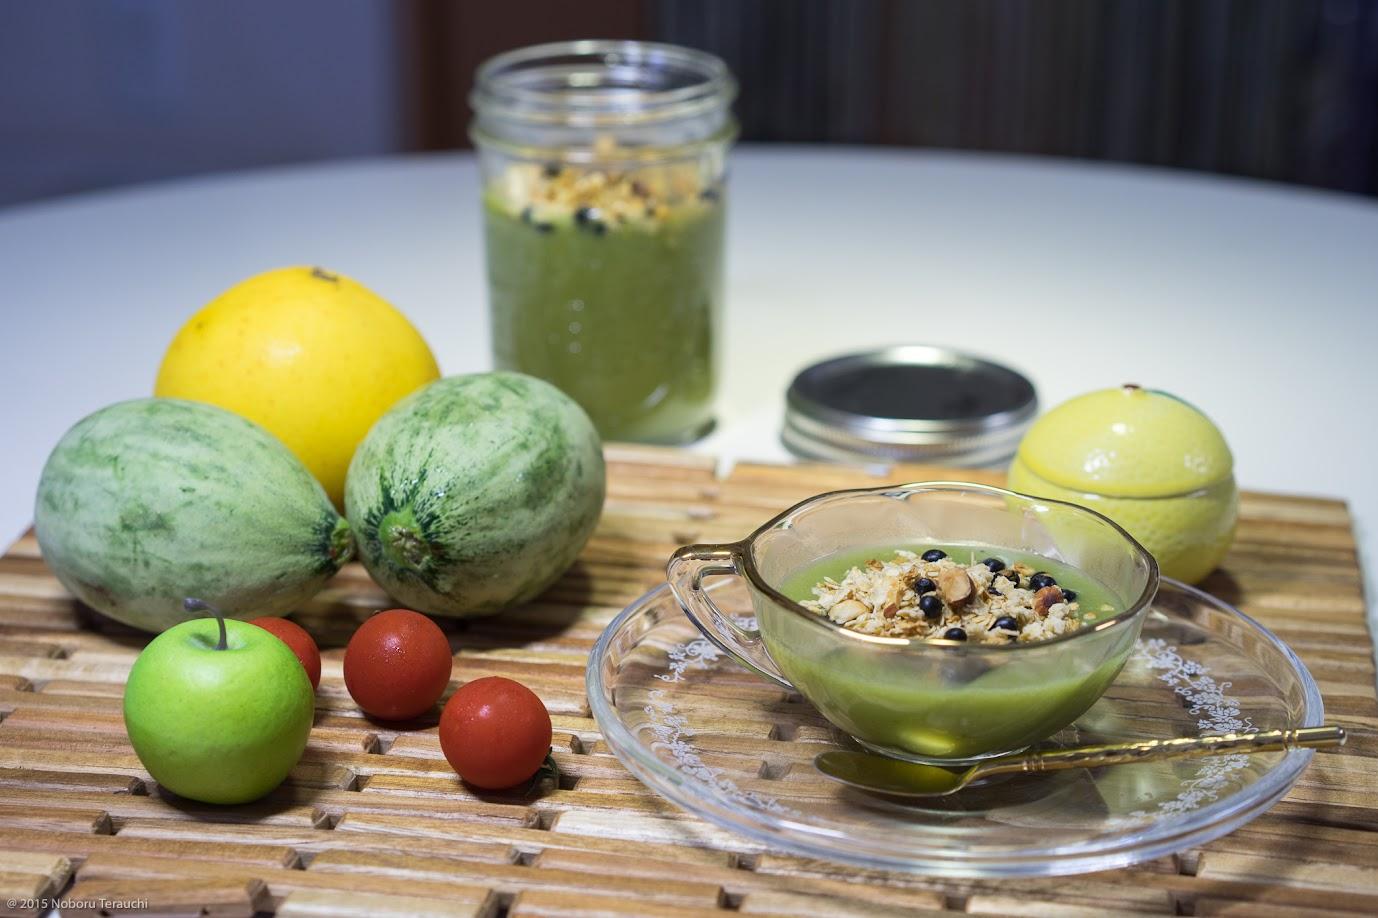 カブ・セロリ・メロン(摘果メロン)などのグリーンスープ